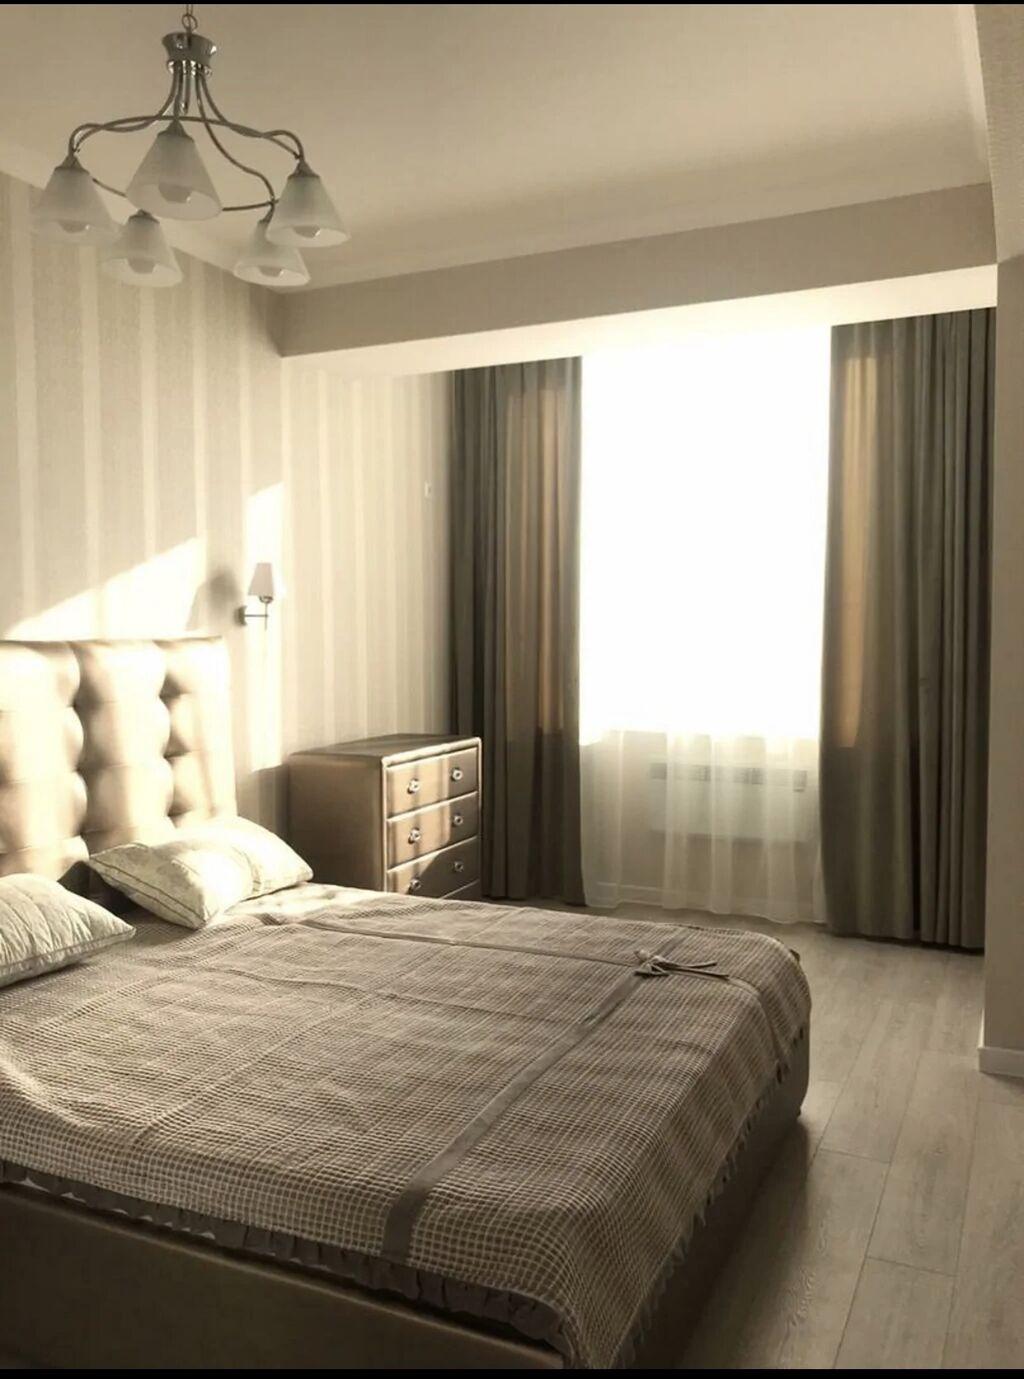 Сниму отдельную однокомнатную квартиру!